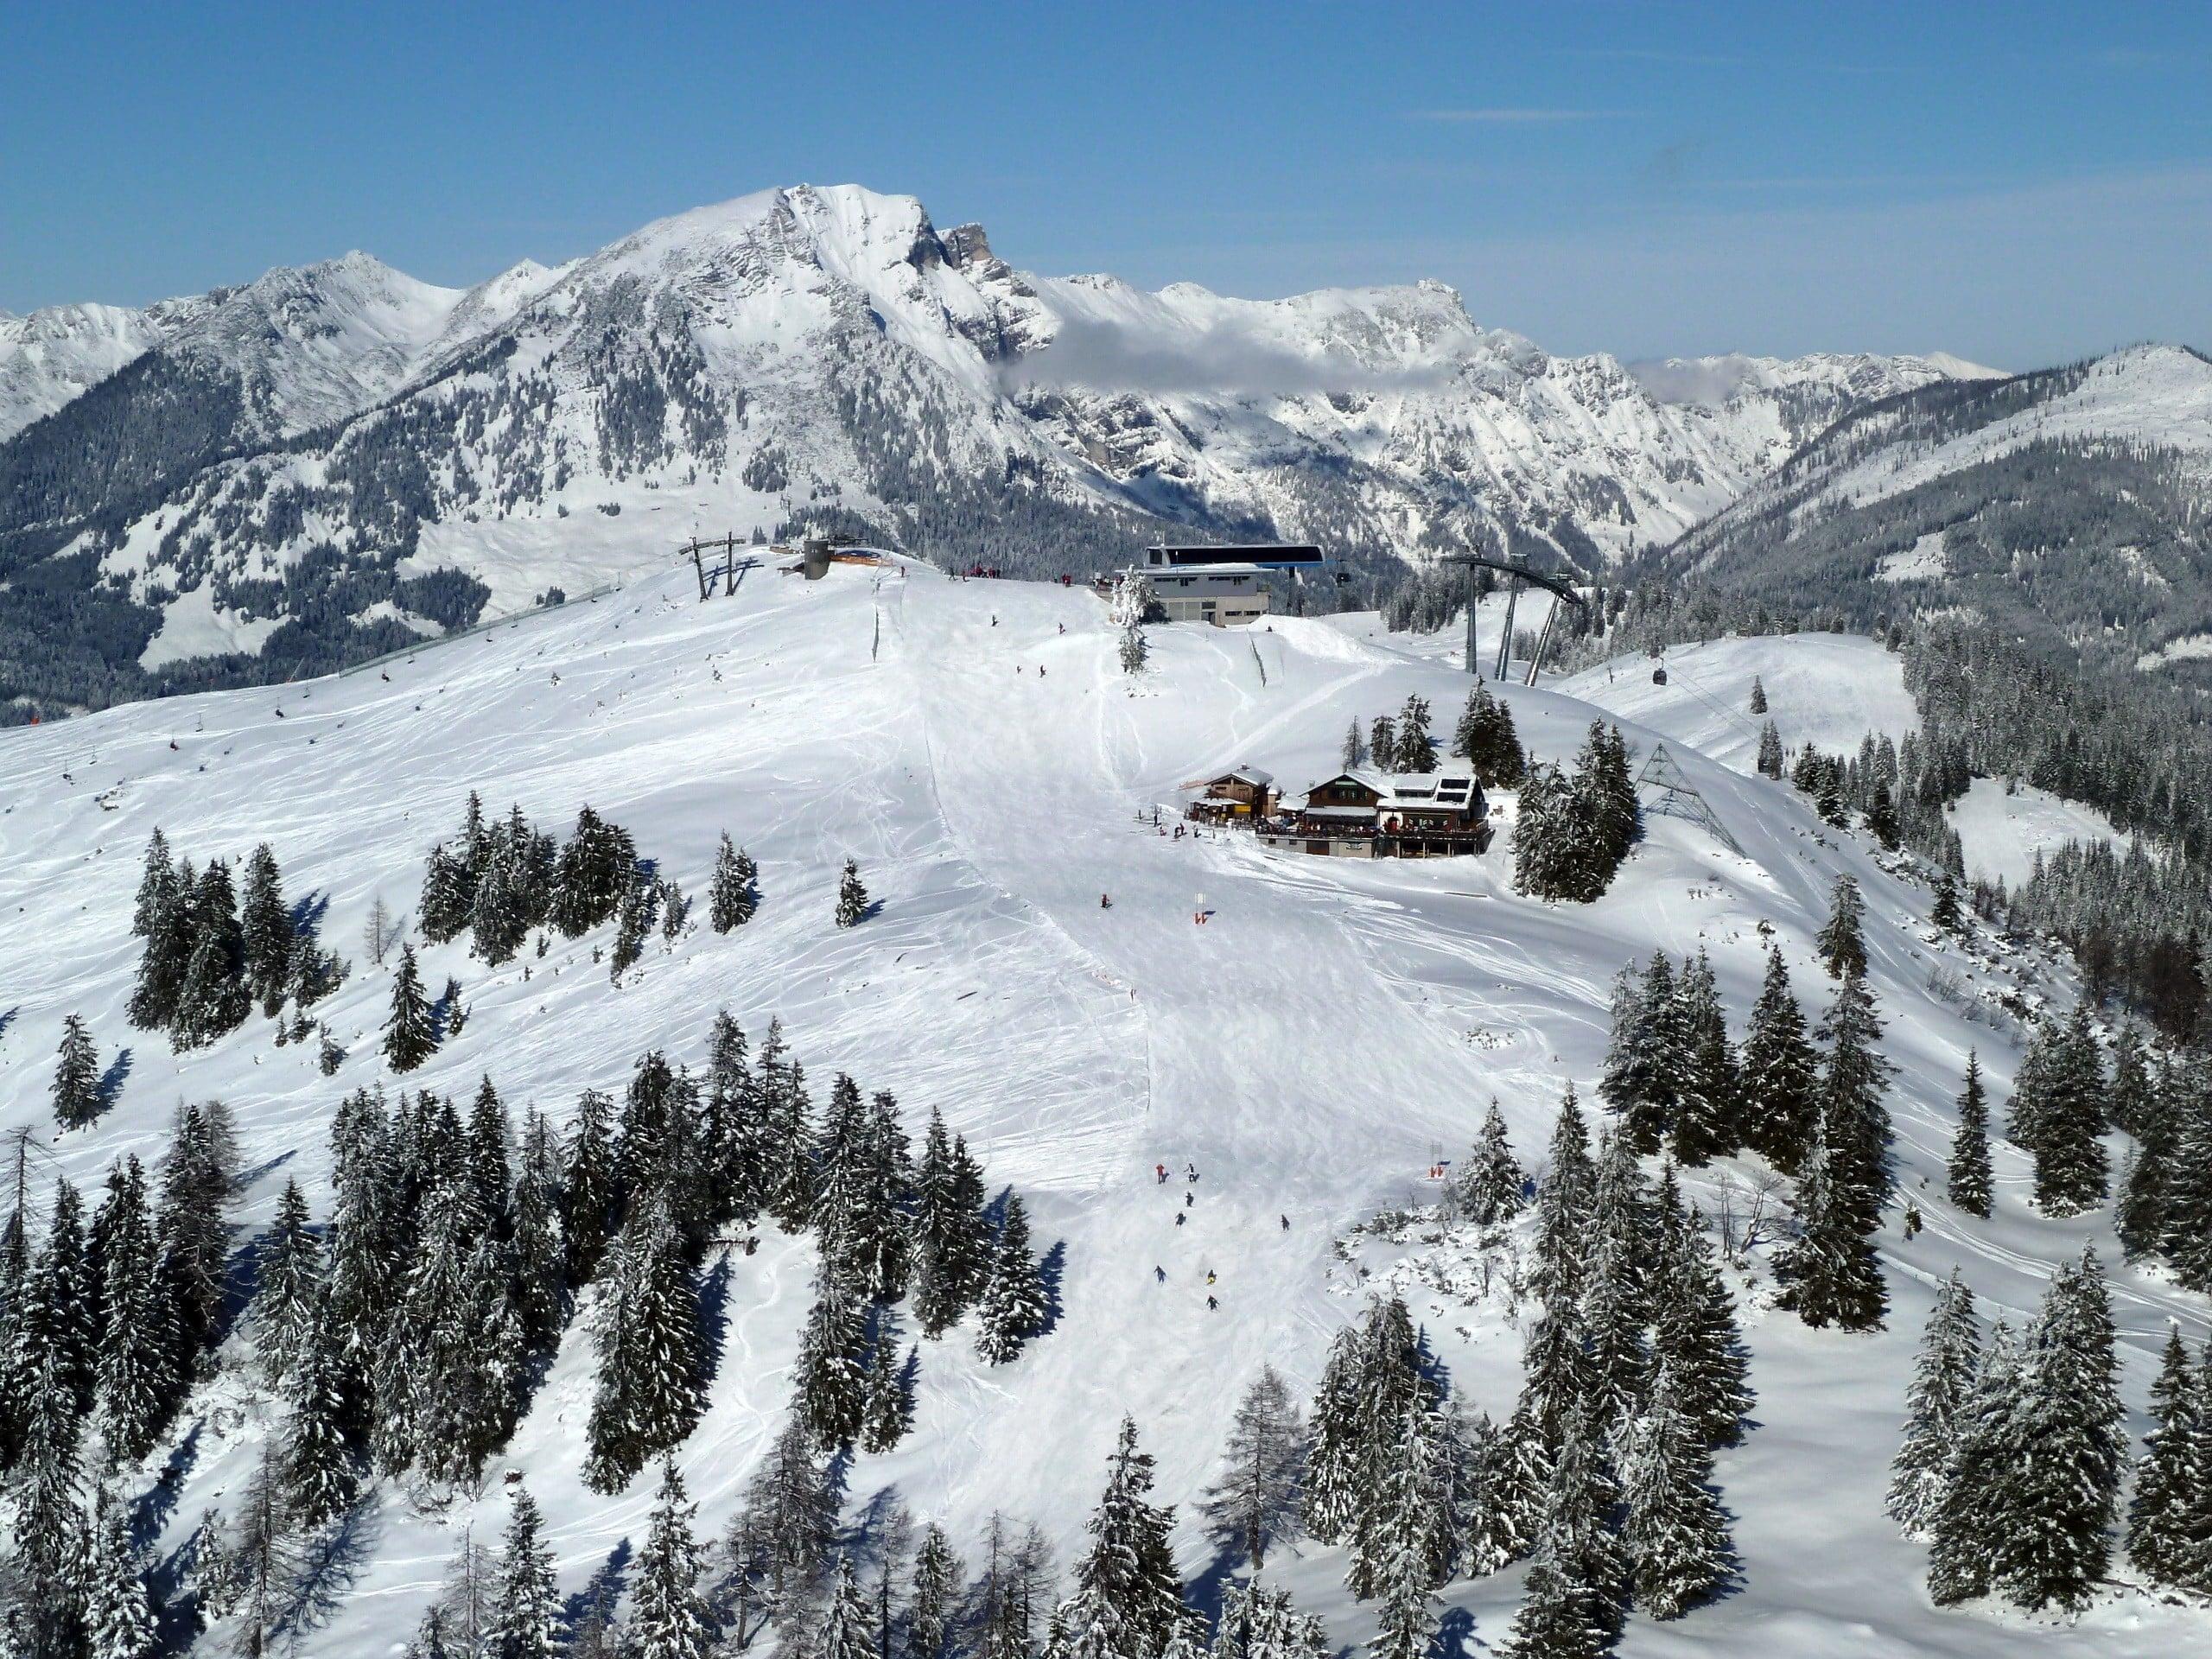 Vista del paesaggio montano soleggiato durante un corso di sci con scuole di sci a Gosau.